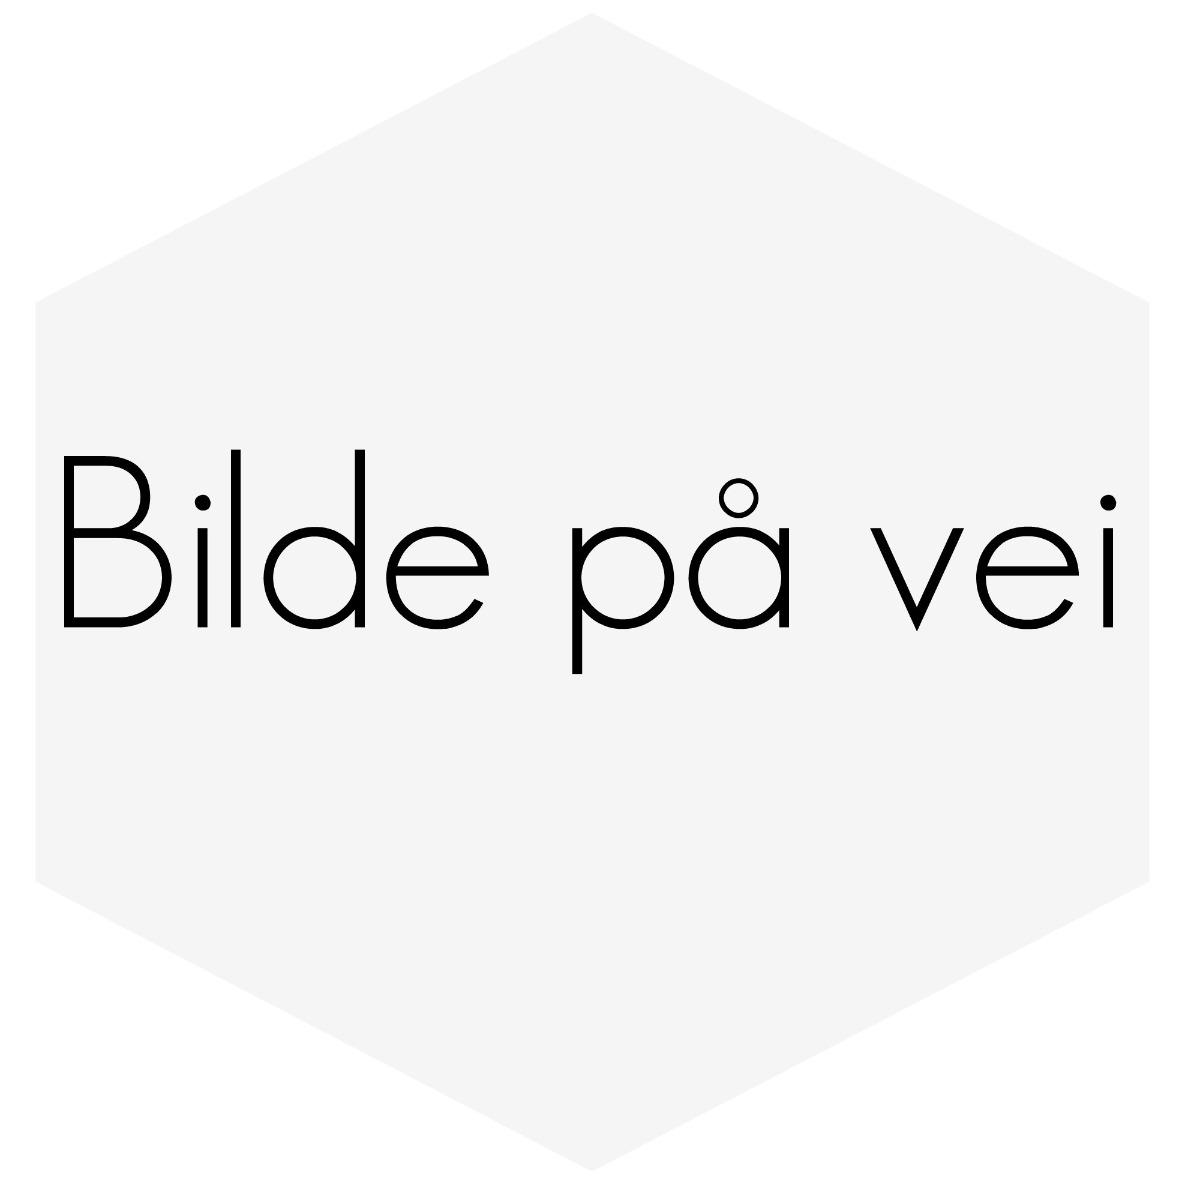 DEKK VINTER PIGG 235/65-17 VREDESTEIN WINTRAC ICE TILBUDSPRI